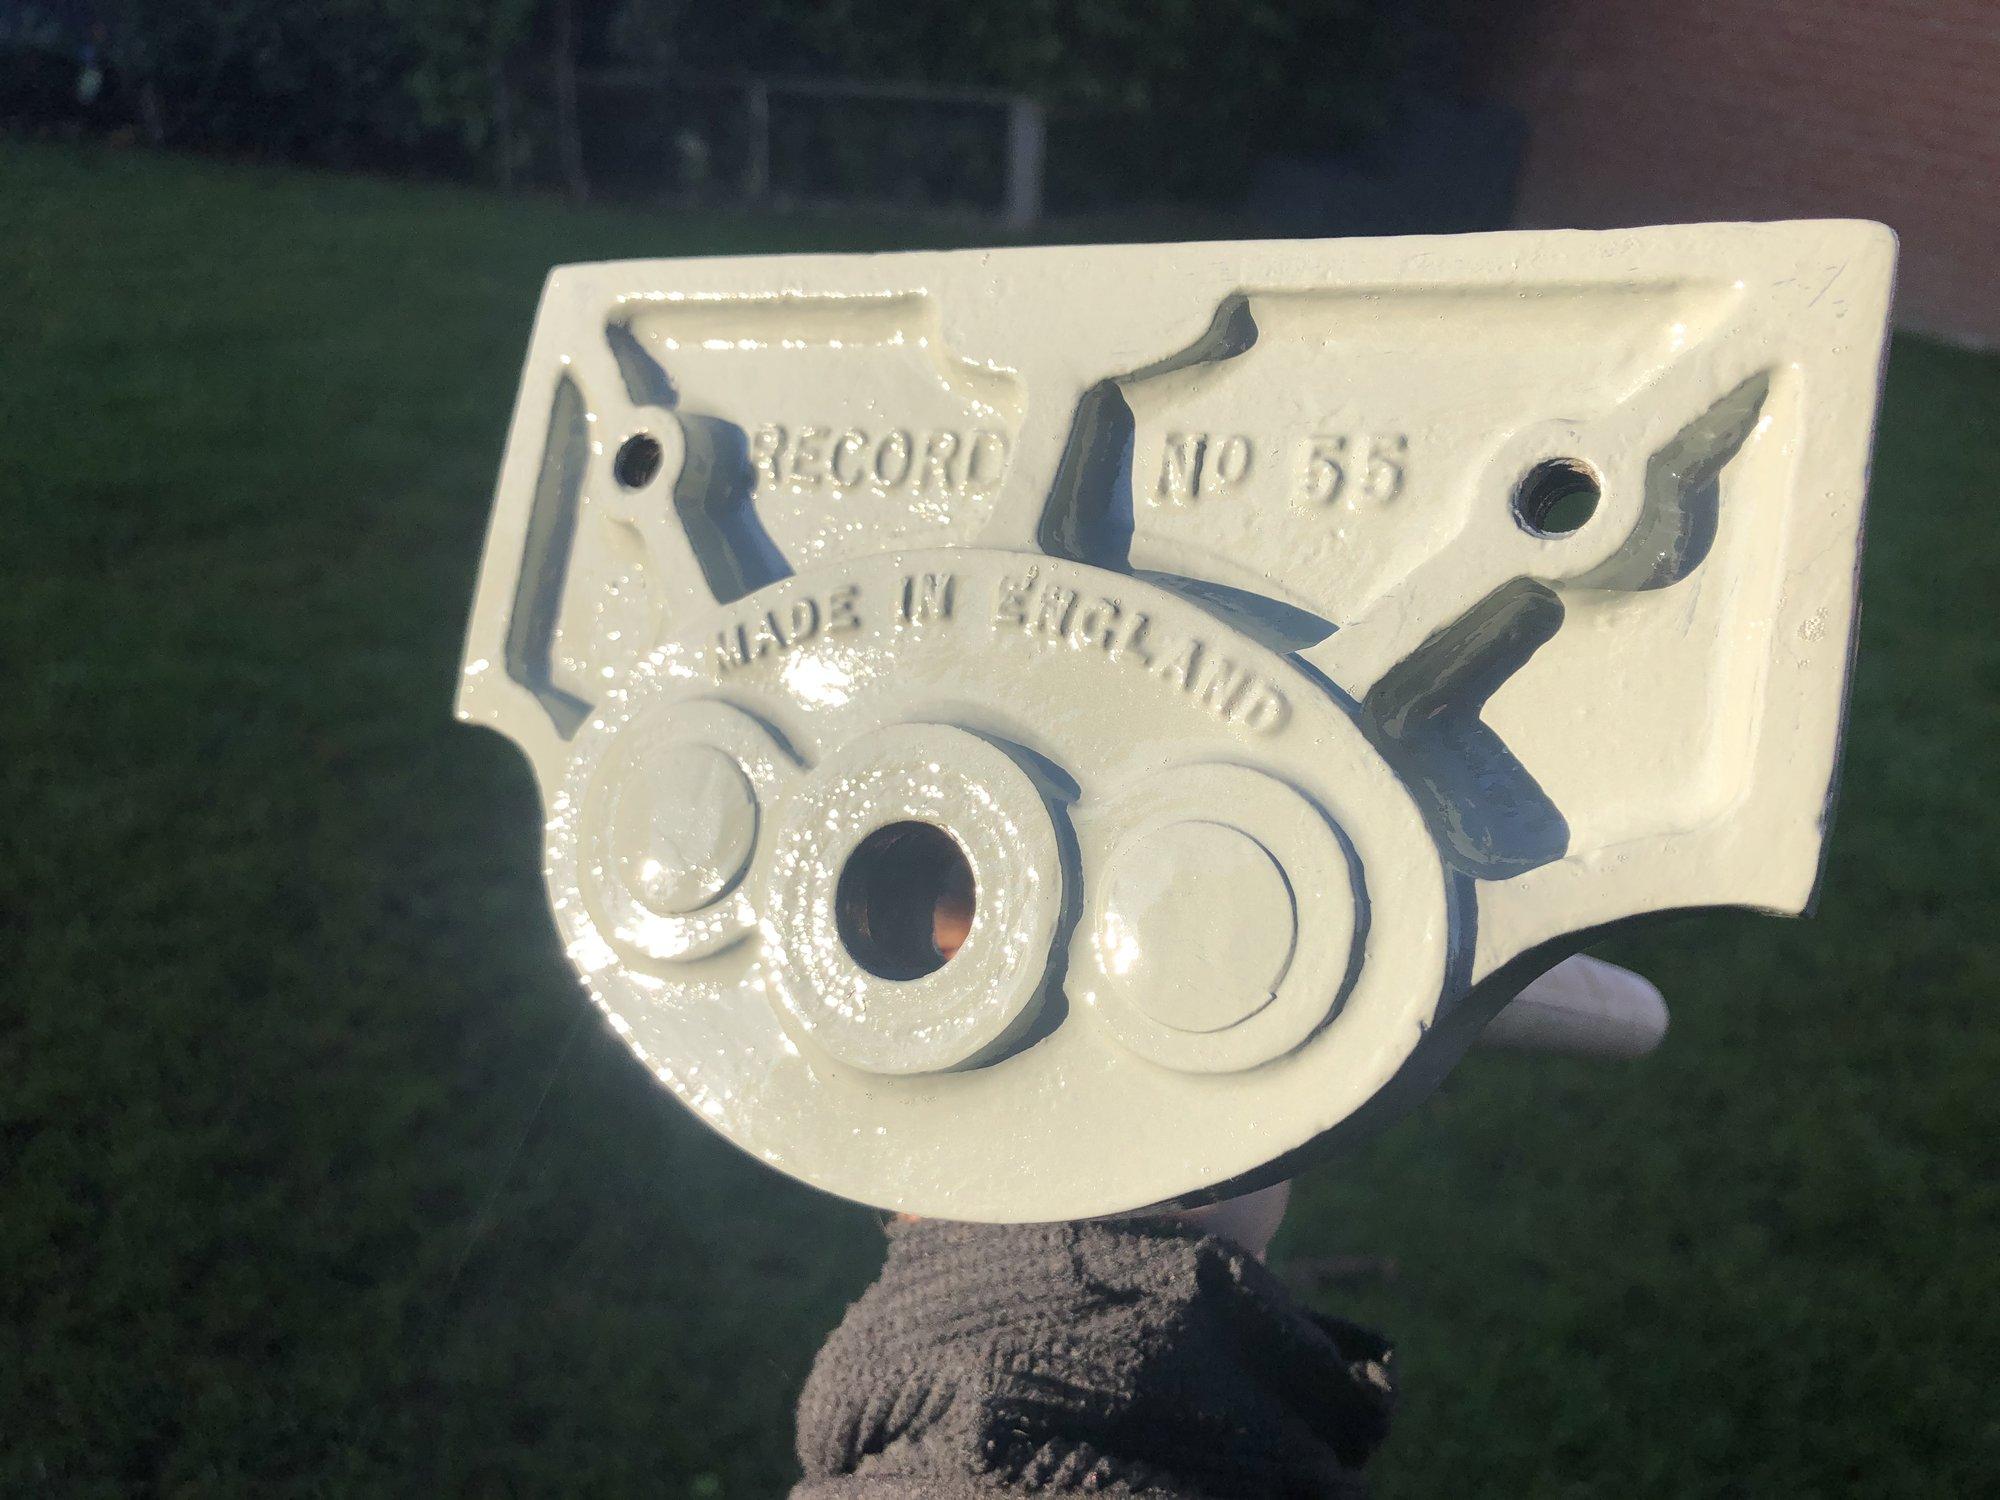 DB1EC7F8-3A8D-4008-B976-912158B8478A.jpeg